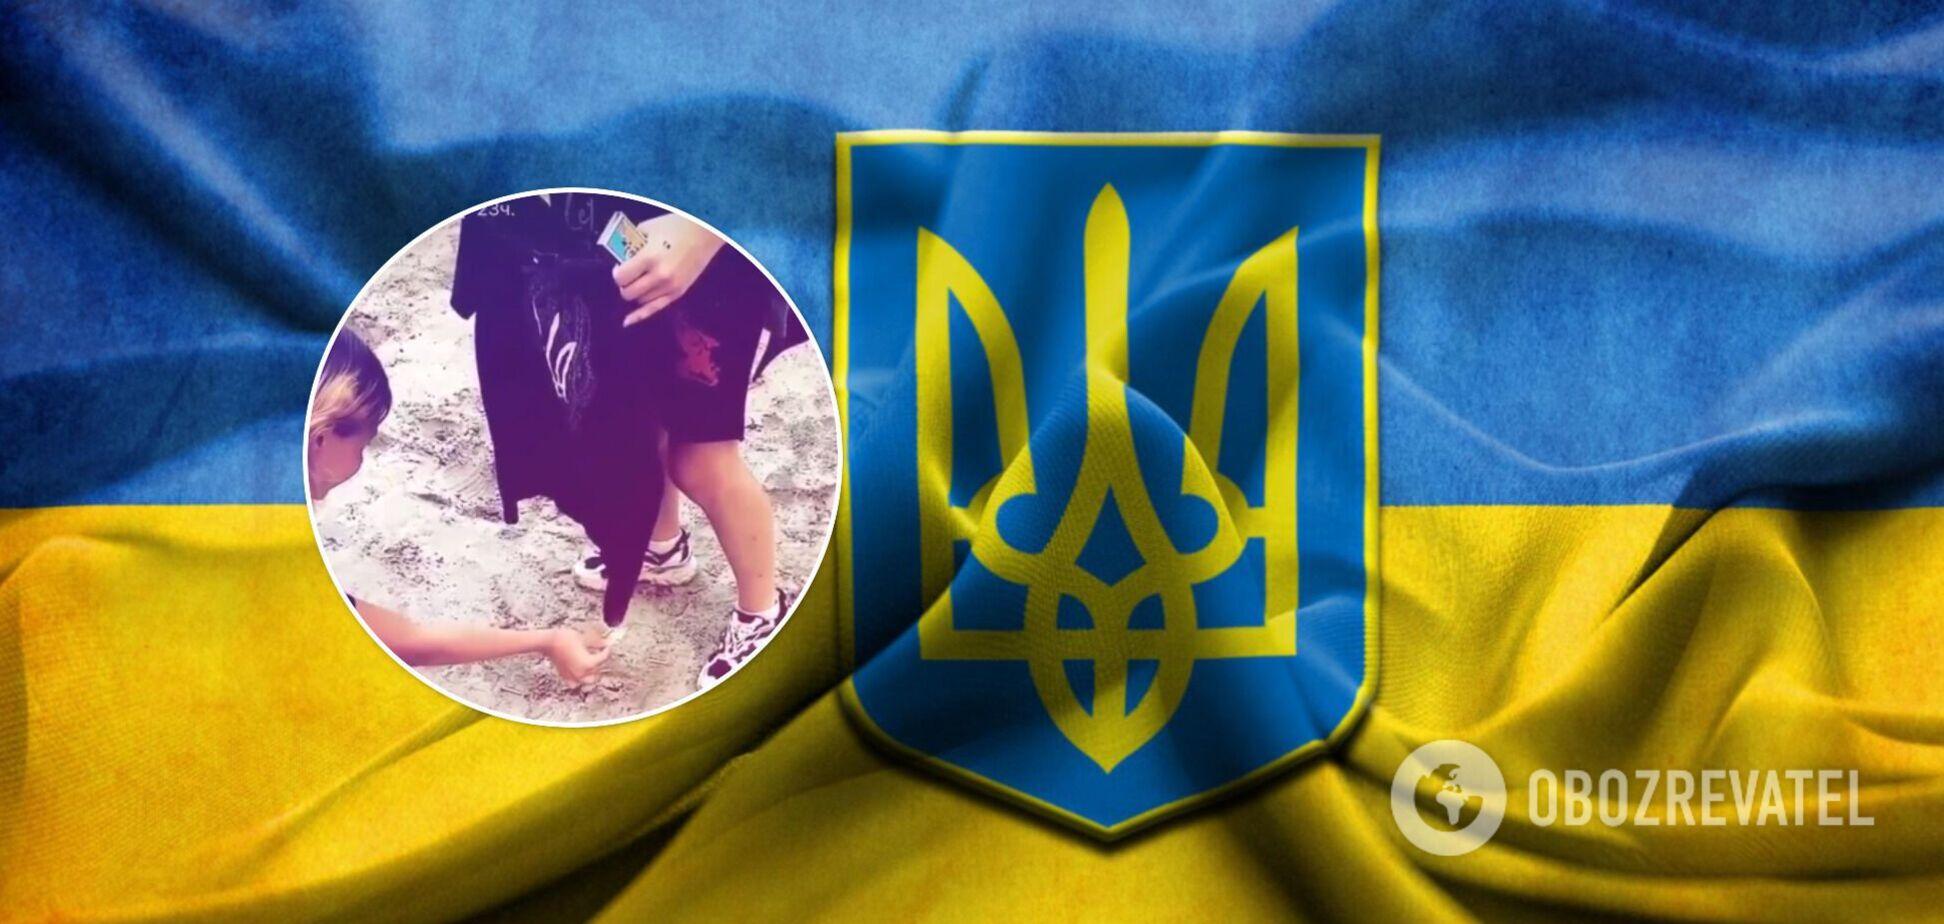 Дівчата спалили футболку з гербом України і нарвалися на скандал. Відео